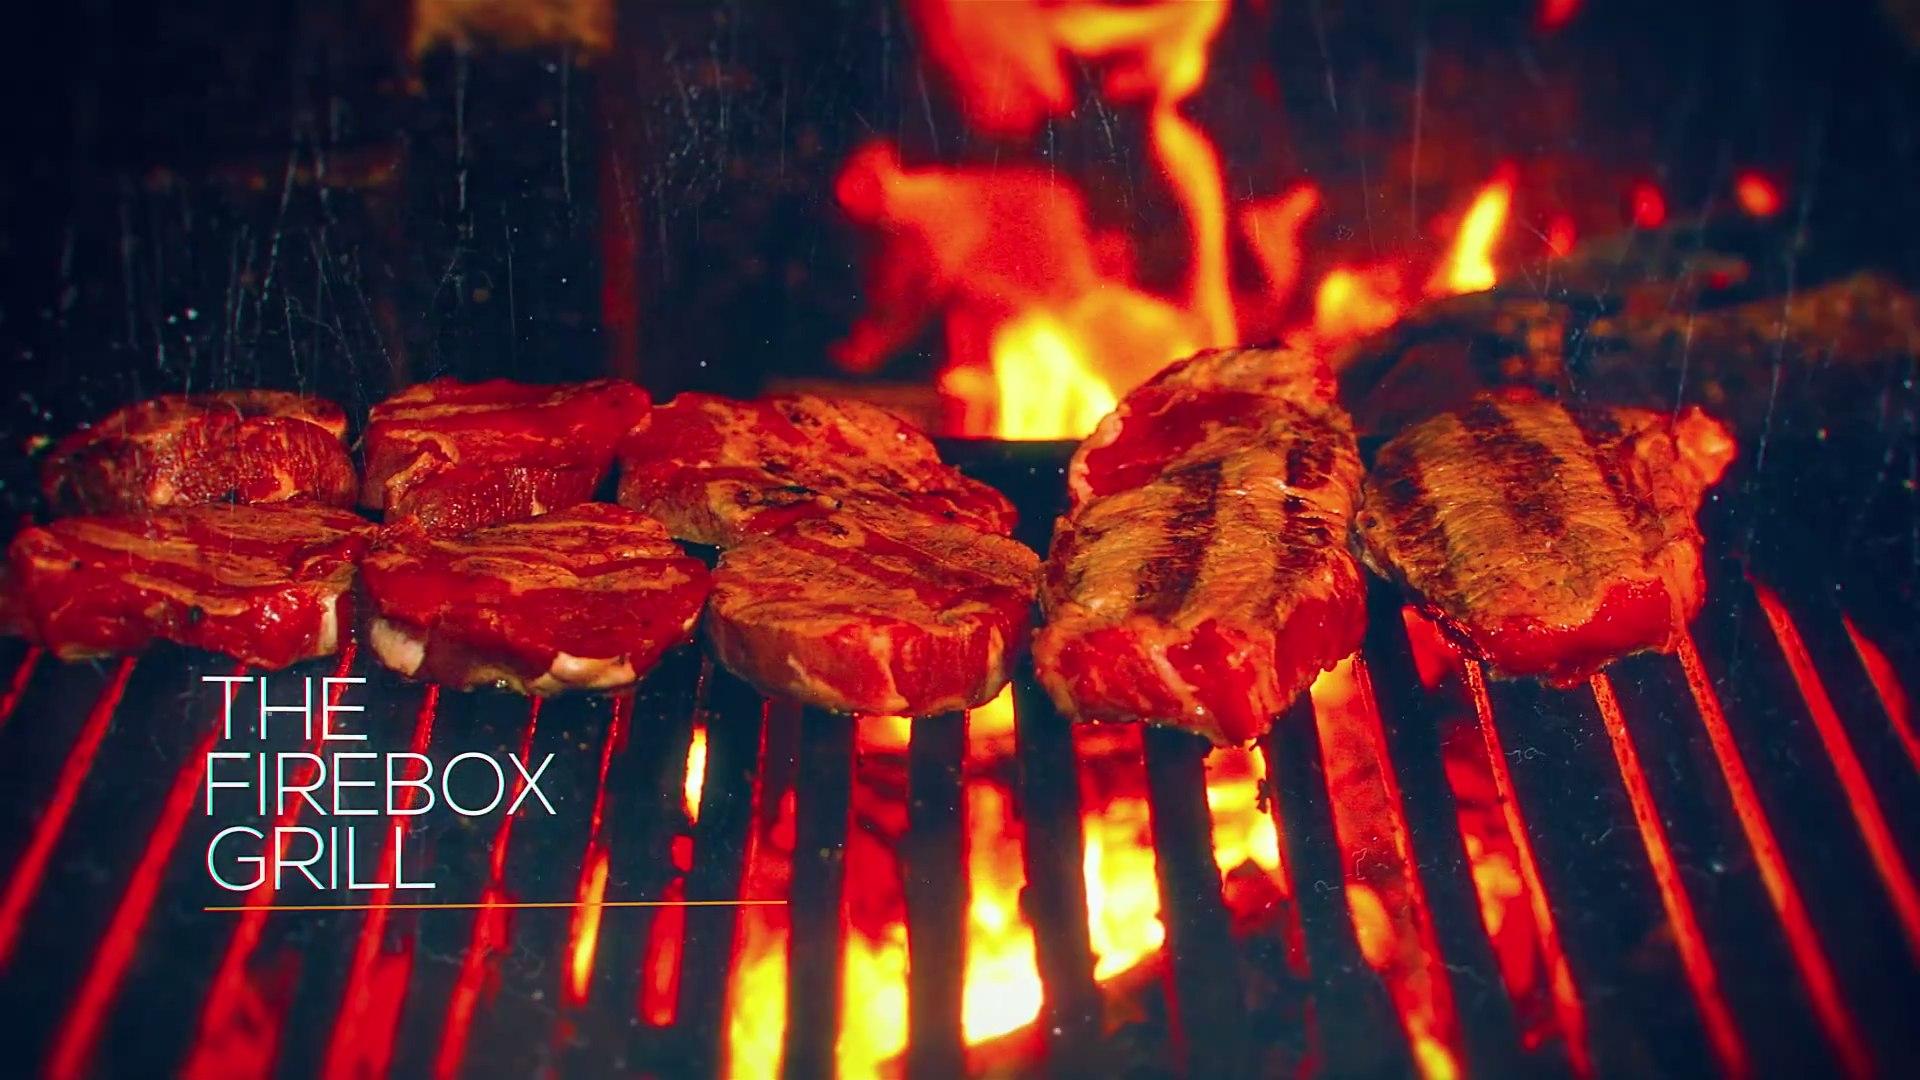 Firebox Grill